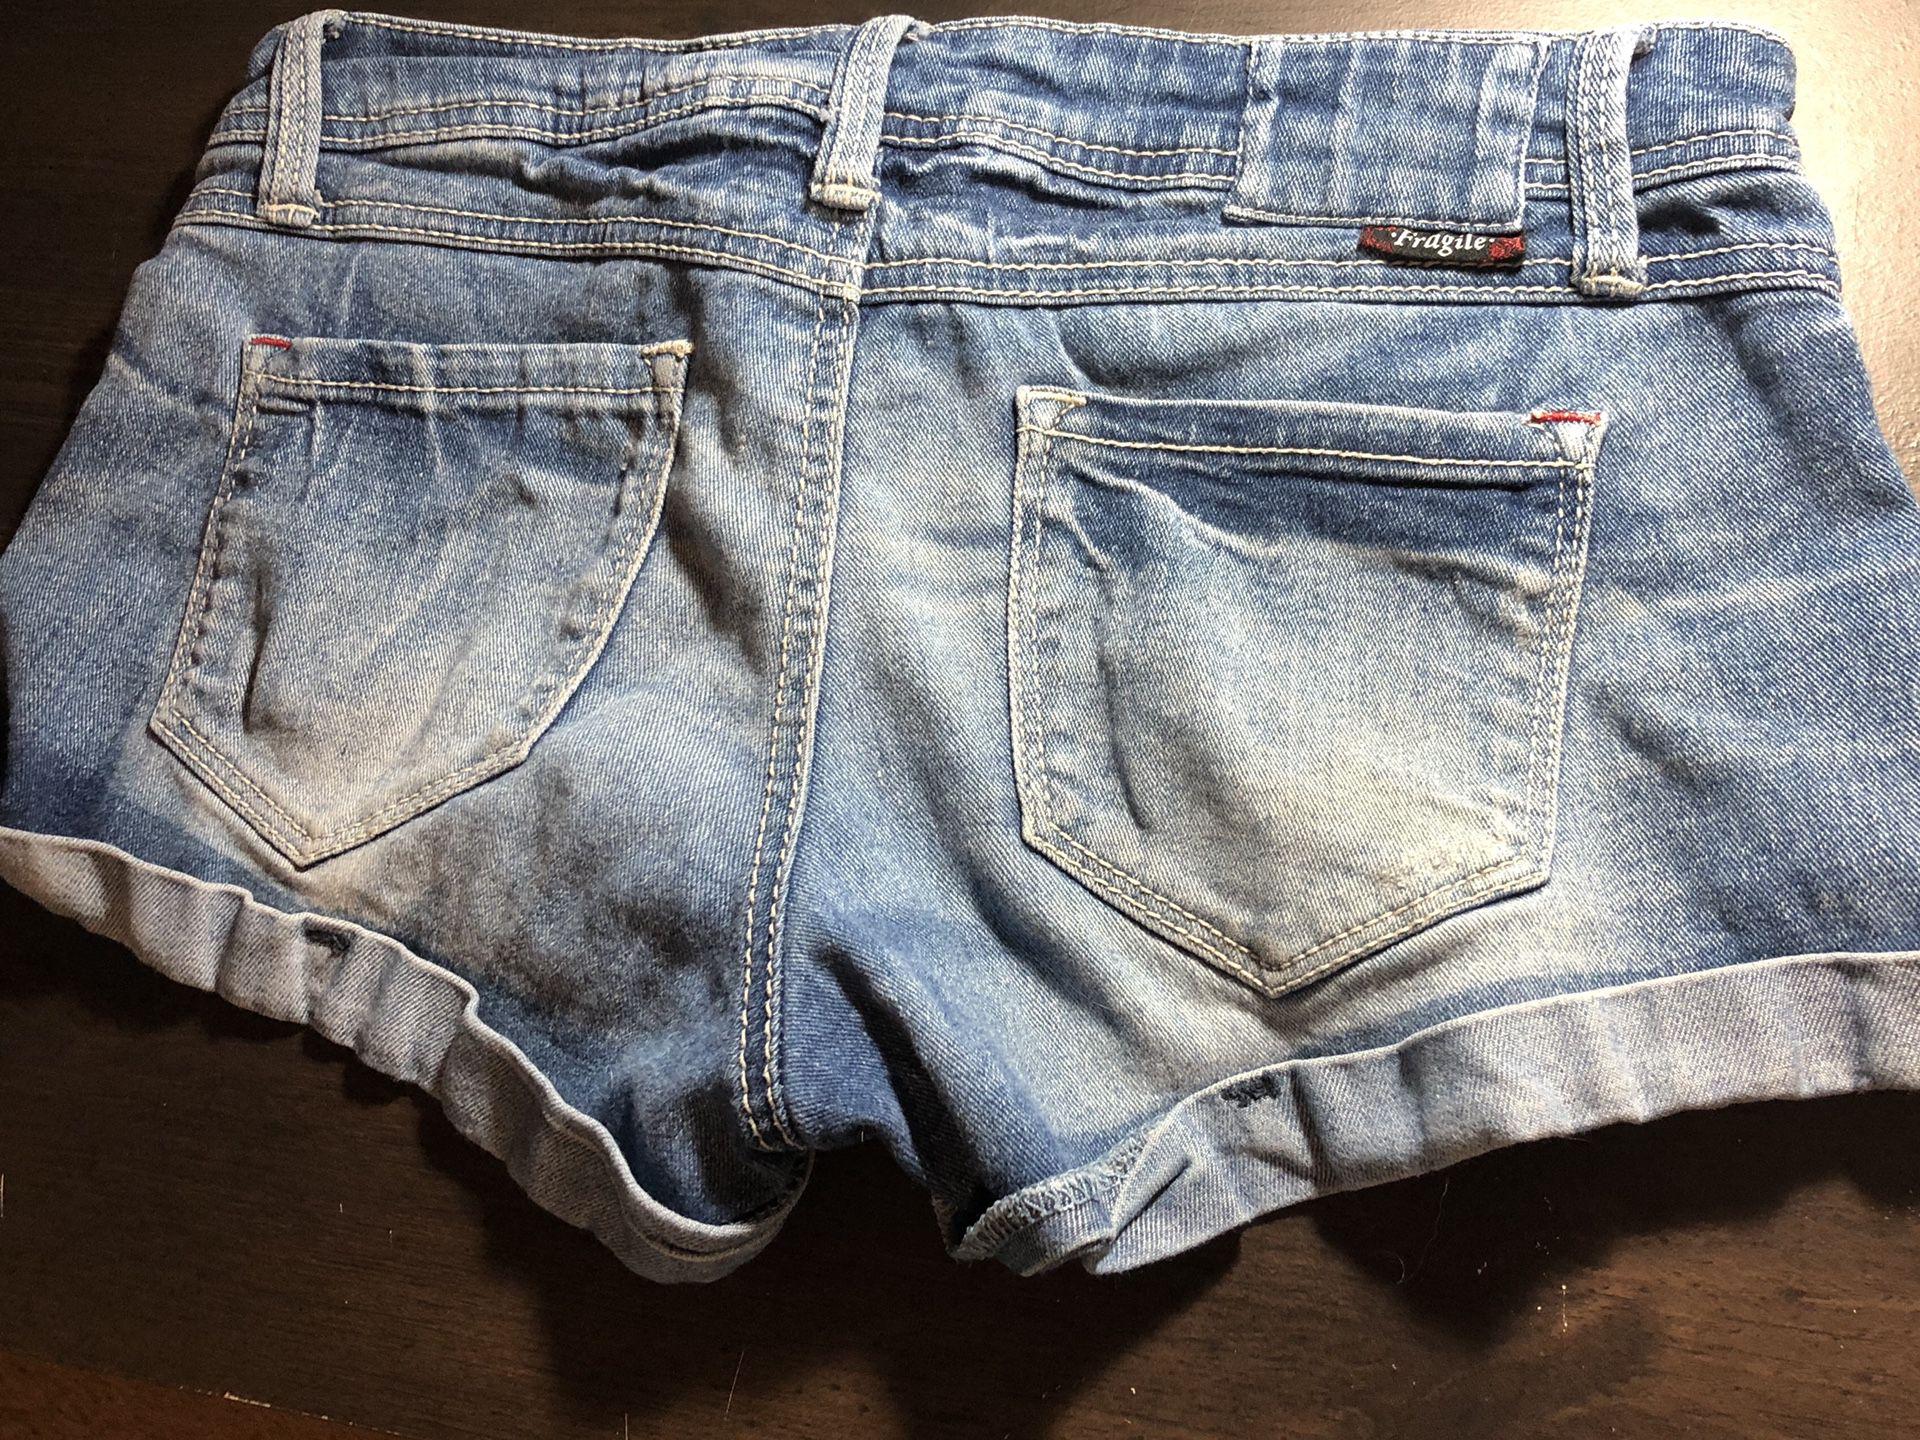 Women's size 7 jean shorts